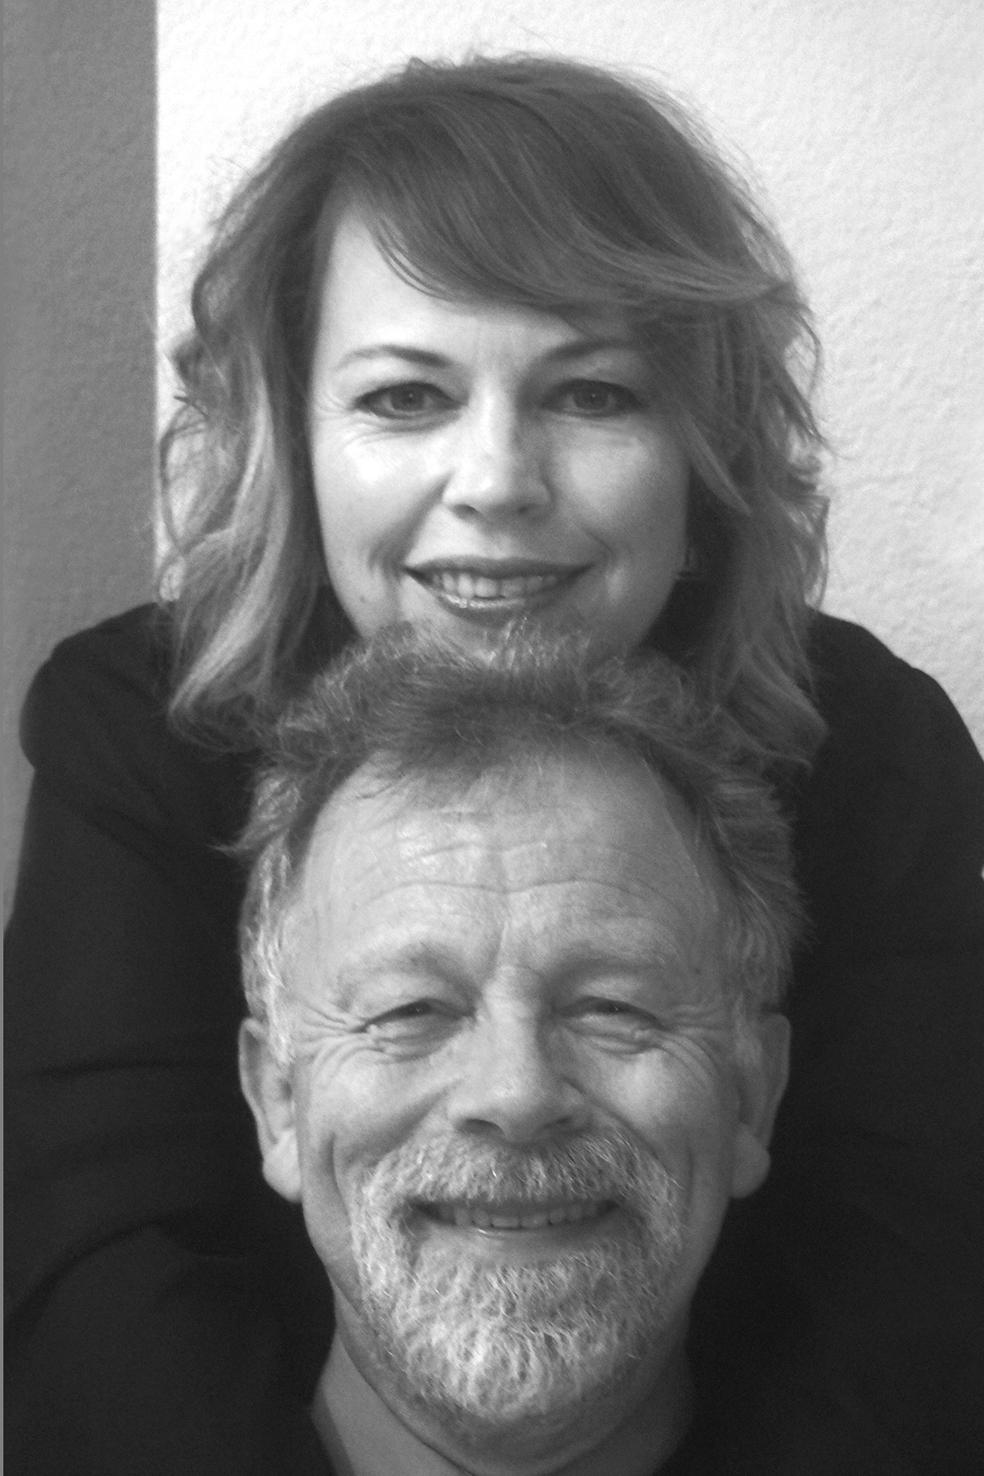 Bert Drost en dochter Caroline komen op zondag 22 april naar Egmond aan Zee waar zij bij boekhandel Dekker & Dekker het boekje 'Leon en de verdwenen koning' gaan voorlezen. (Foto's: aangeleverd) rodi.nl © rodi